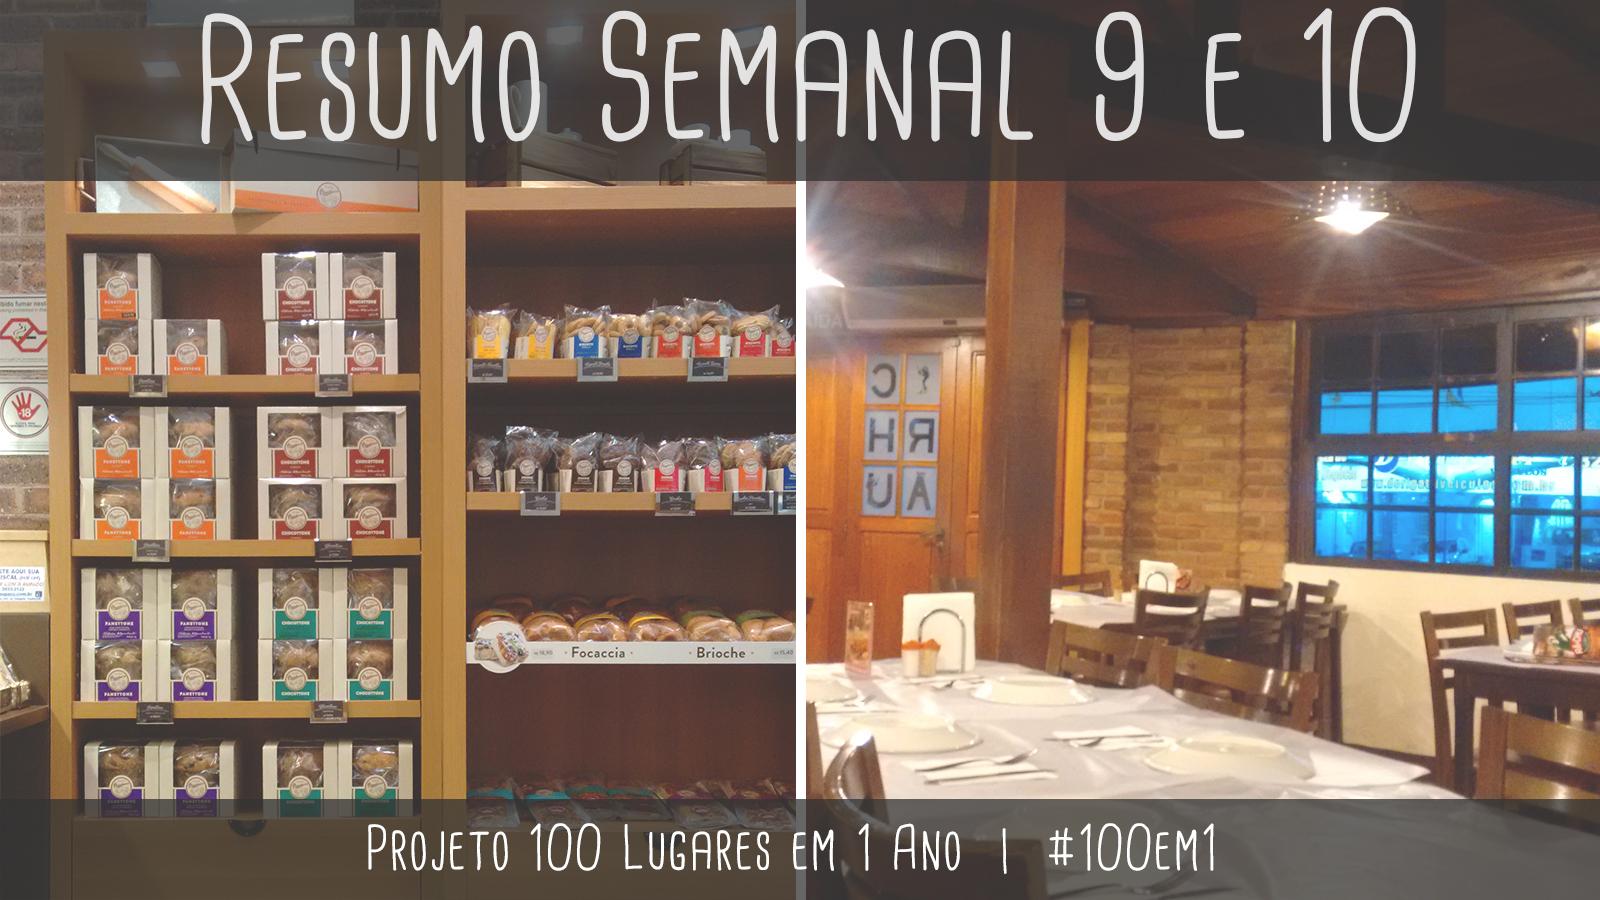 capa resumo 9 e10 projeto #100em1